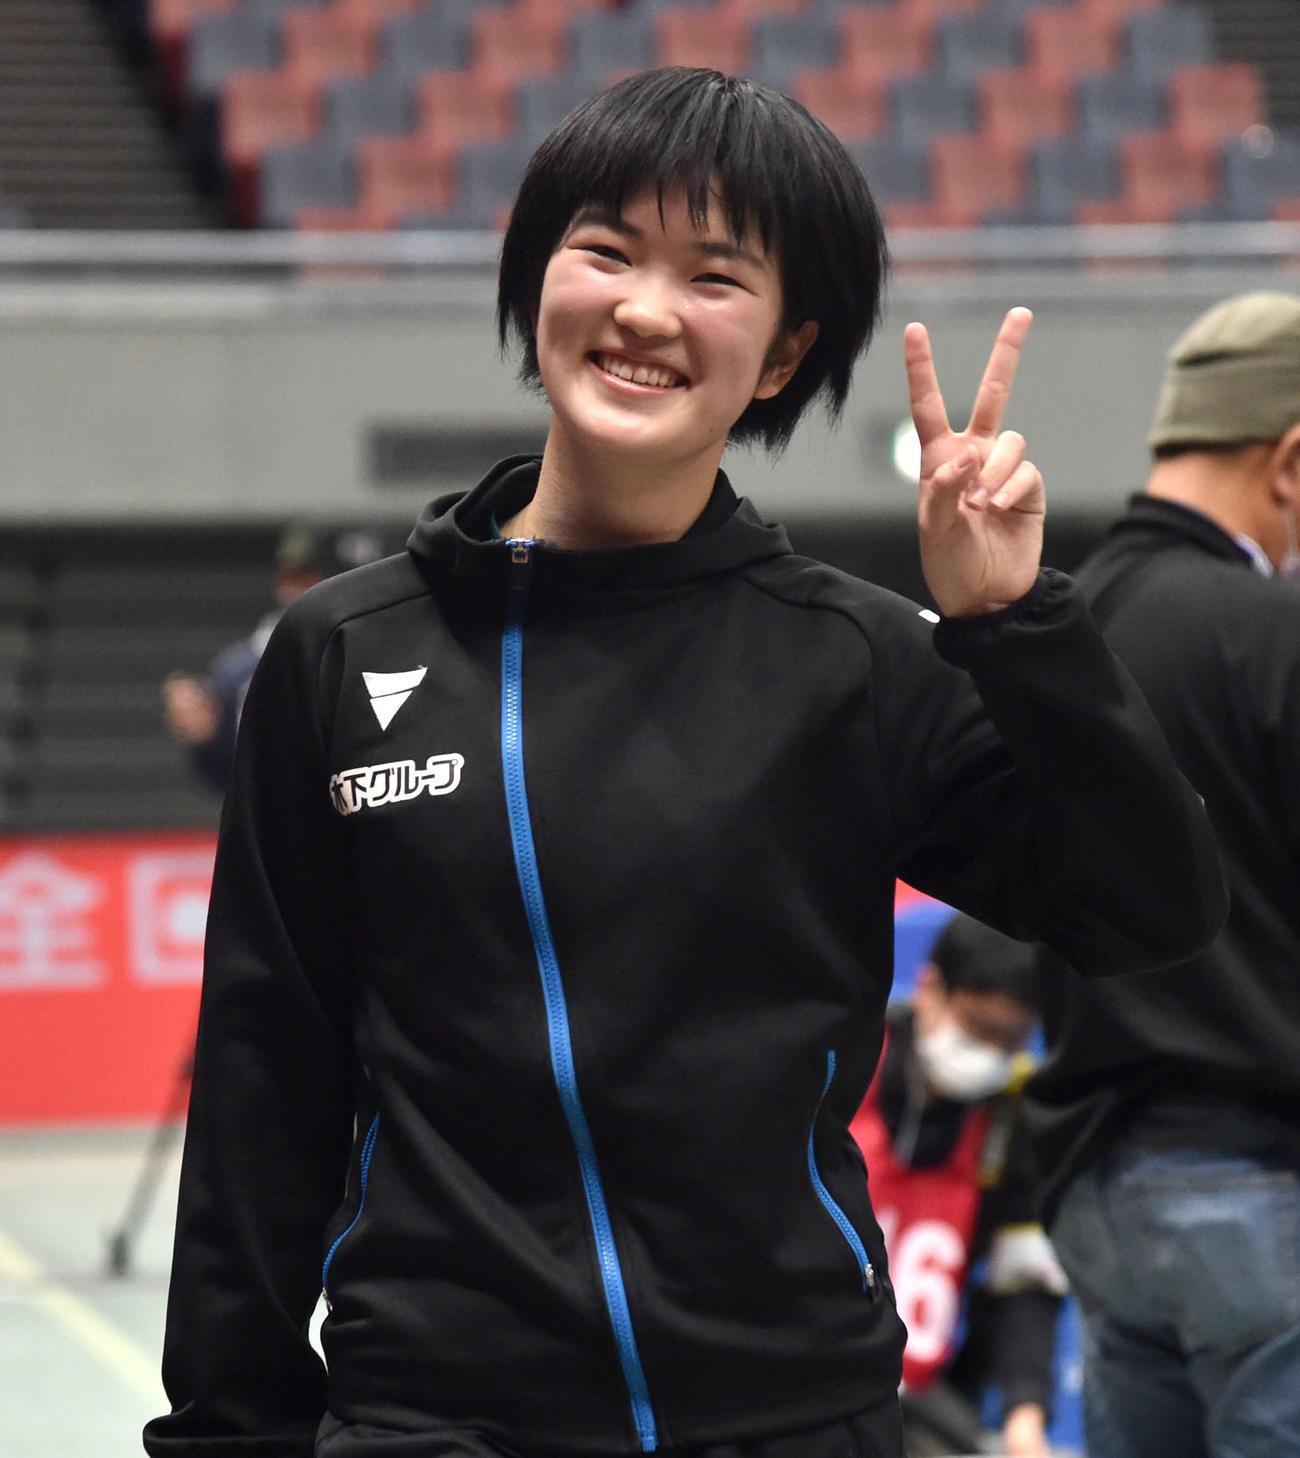 全日本卓球選手権女子シングルス準々決勝 準決勝に進出し、カメラに向かって笑顔でピースサインを見せながら引き揚げる木原美悠(撮影・岩下翔太)